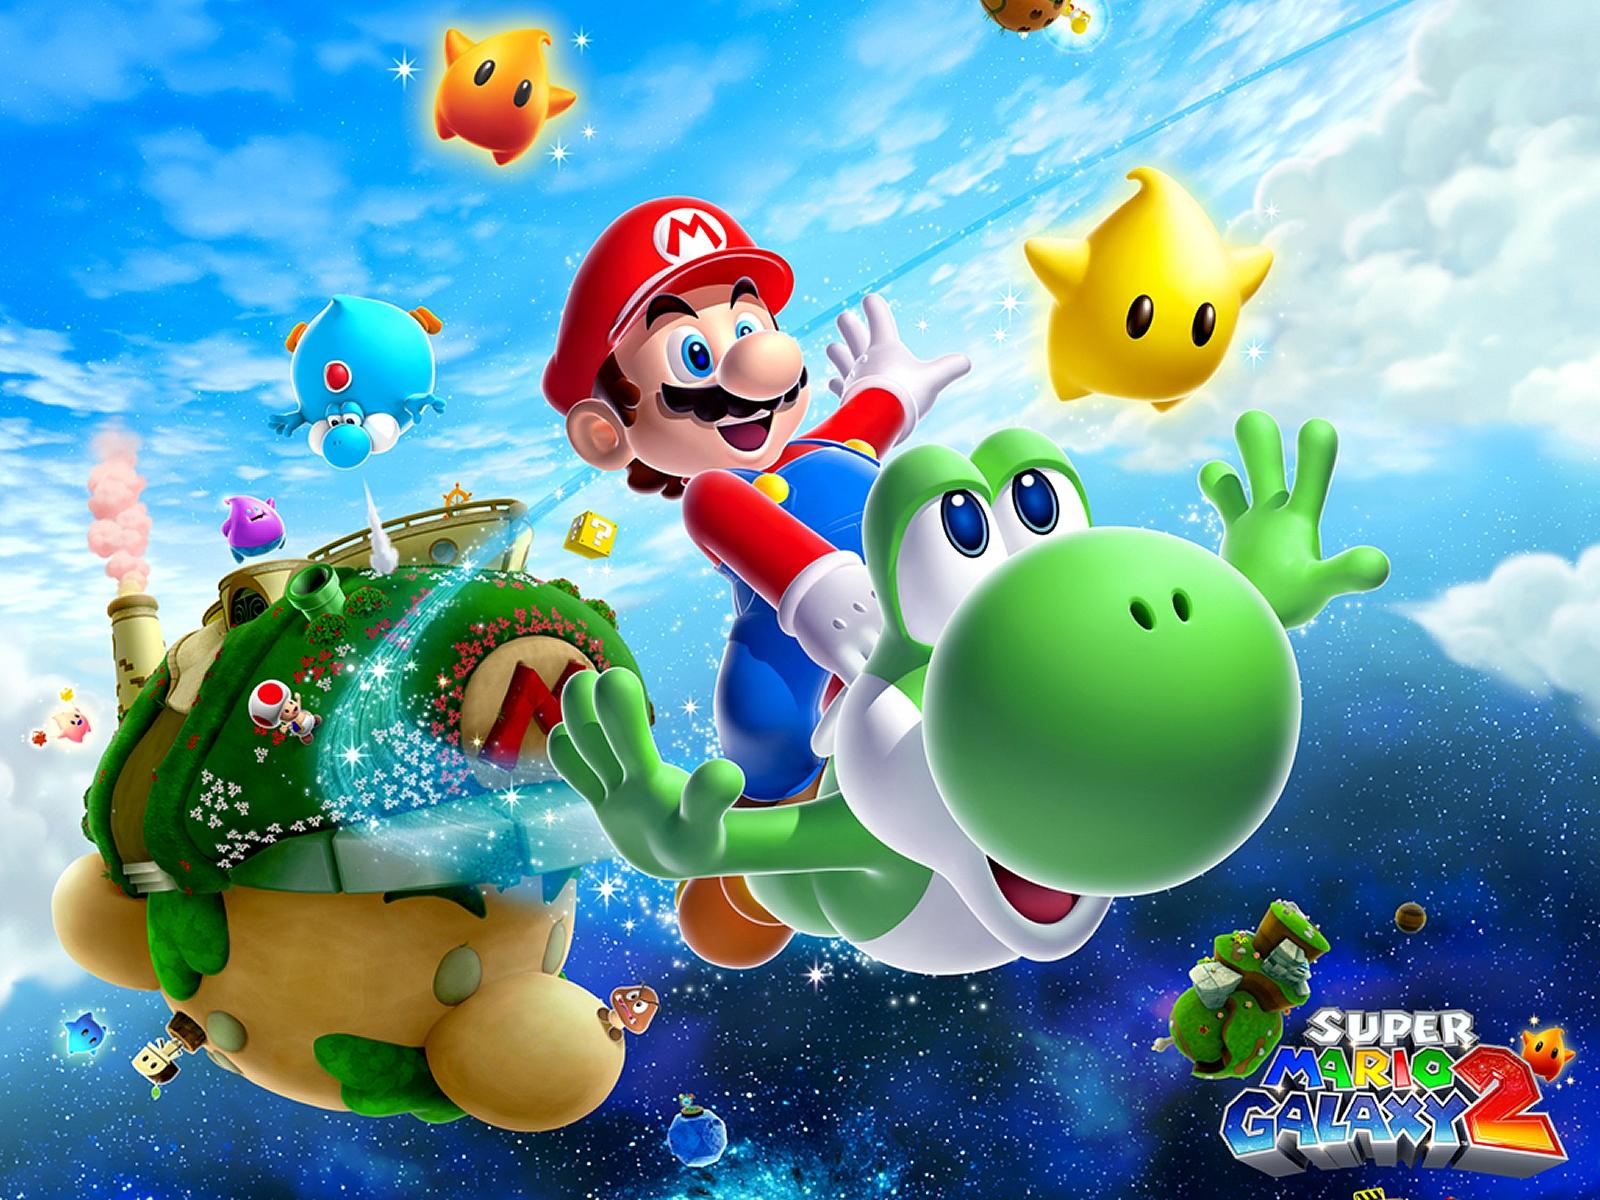 Dan Dare Org Super Mario Galaxy 2 Wallpaper 1600 X 1200 Pixels